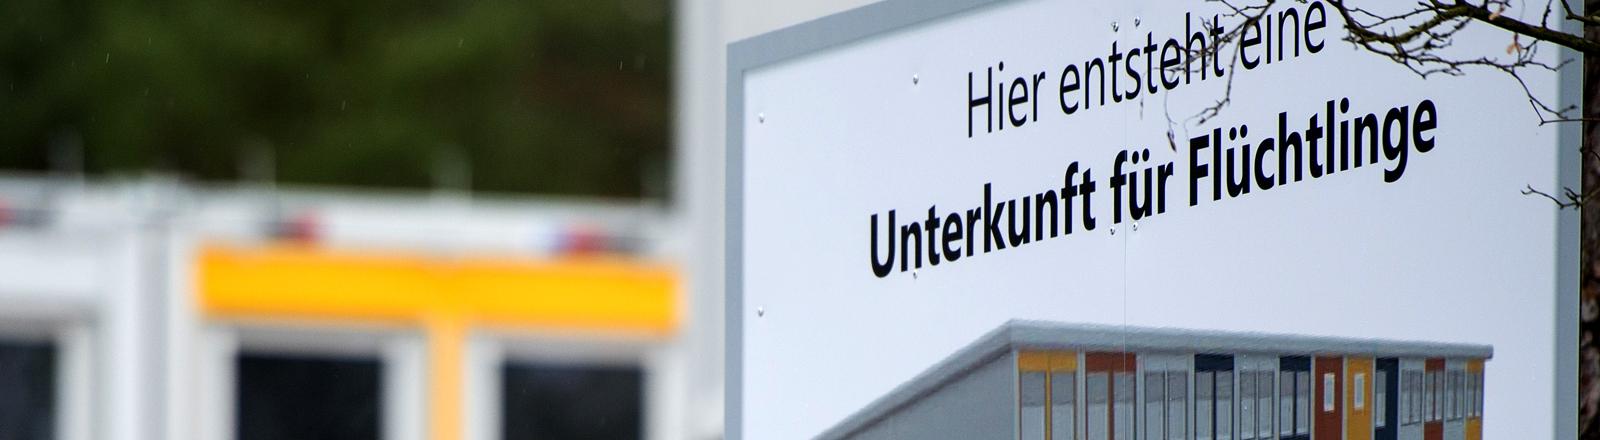 Auf einem Schild steht eine Füchtlingsunterkunft als Containerbau abgebildet.